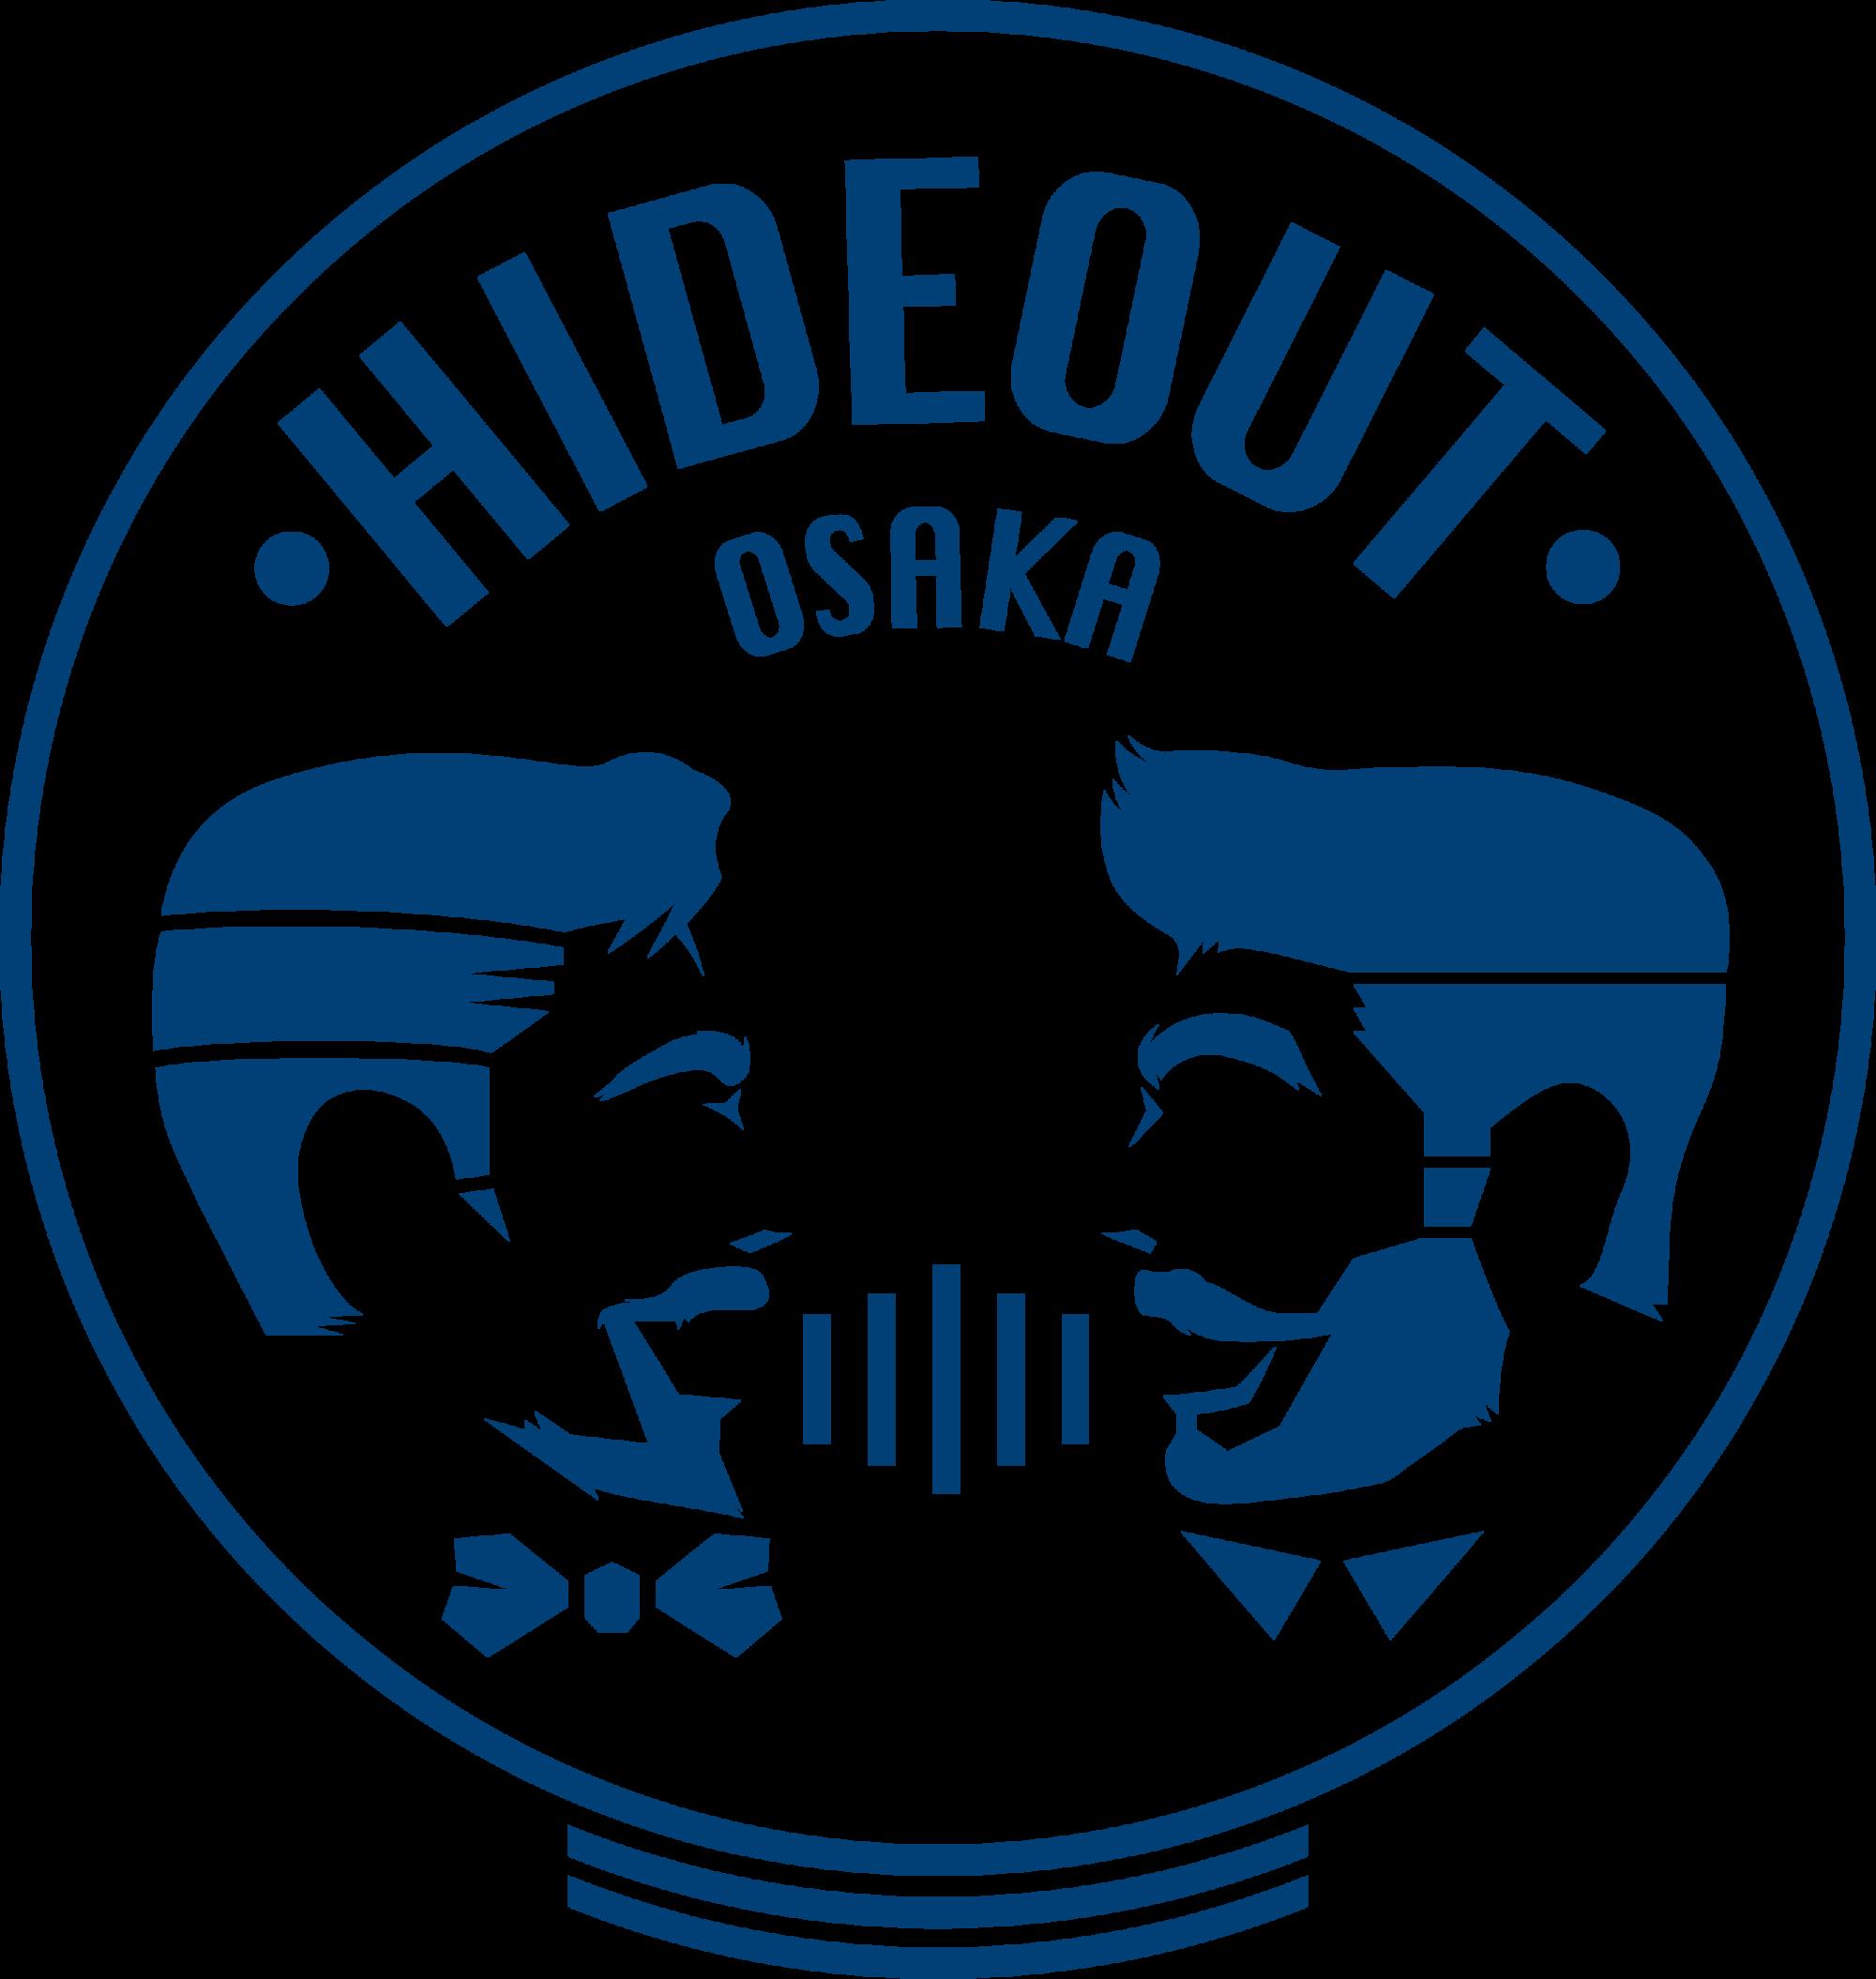 HIDEOUT Osaka